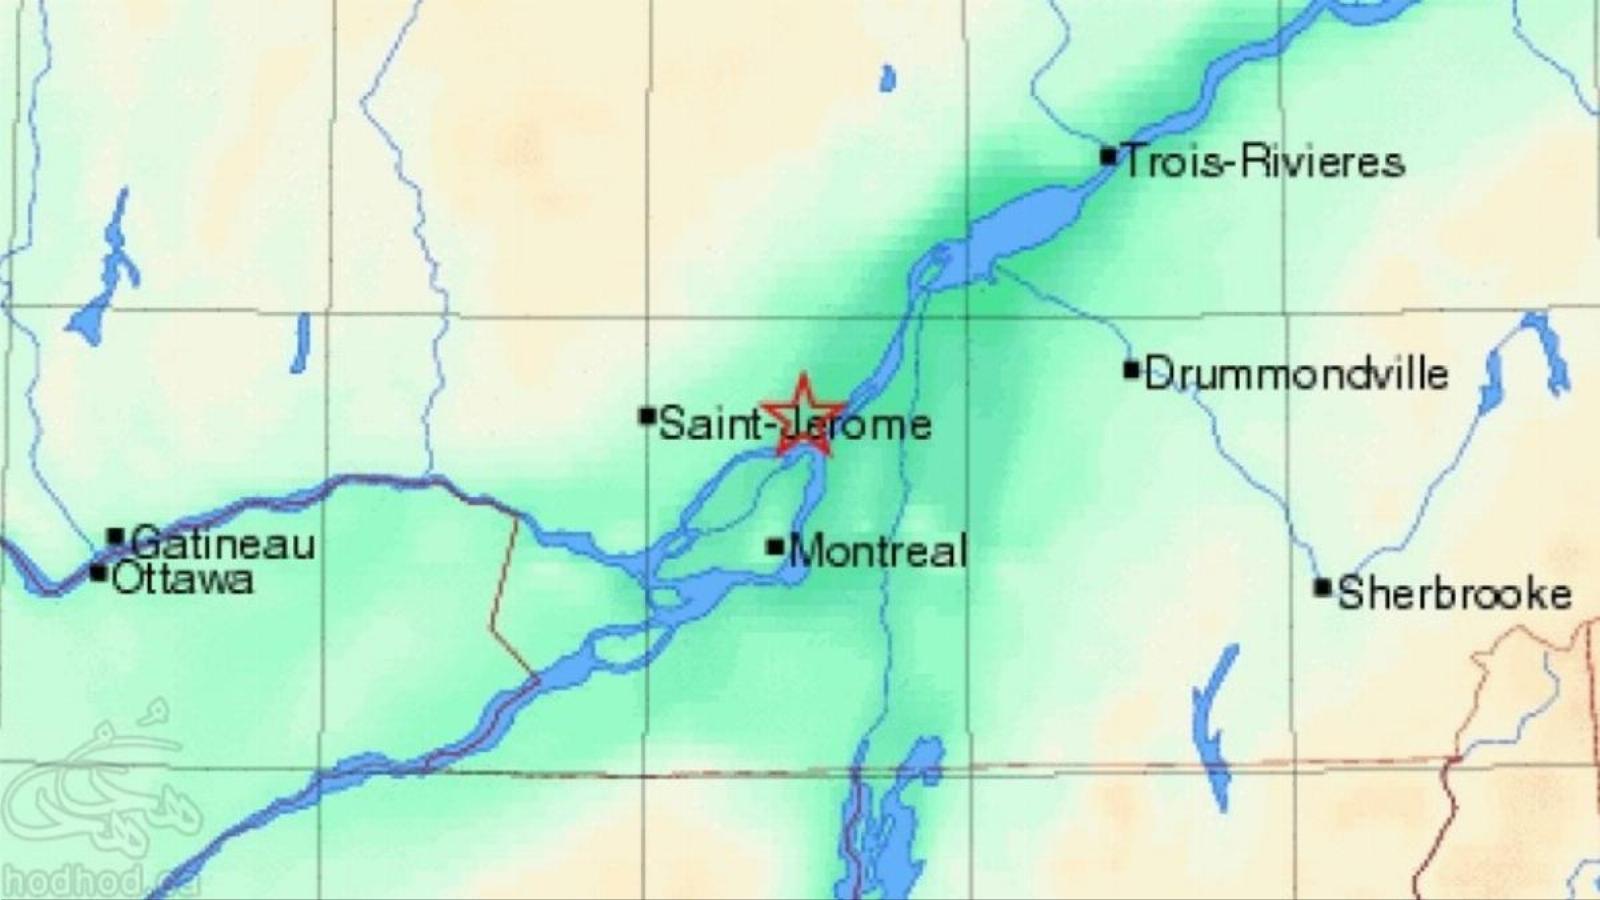 زلزله شب گذشته مونتریال و بیدار شدن حس شوخ طبعی مردم! مونتریال دومین شهر در خطر زلزله کاناداست